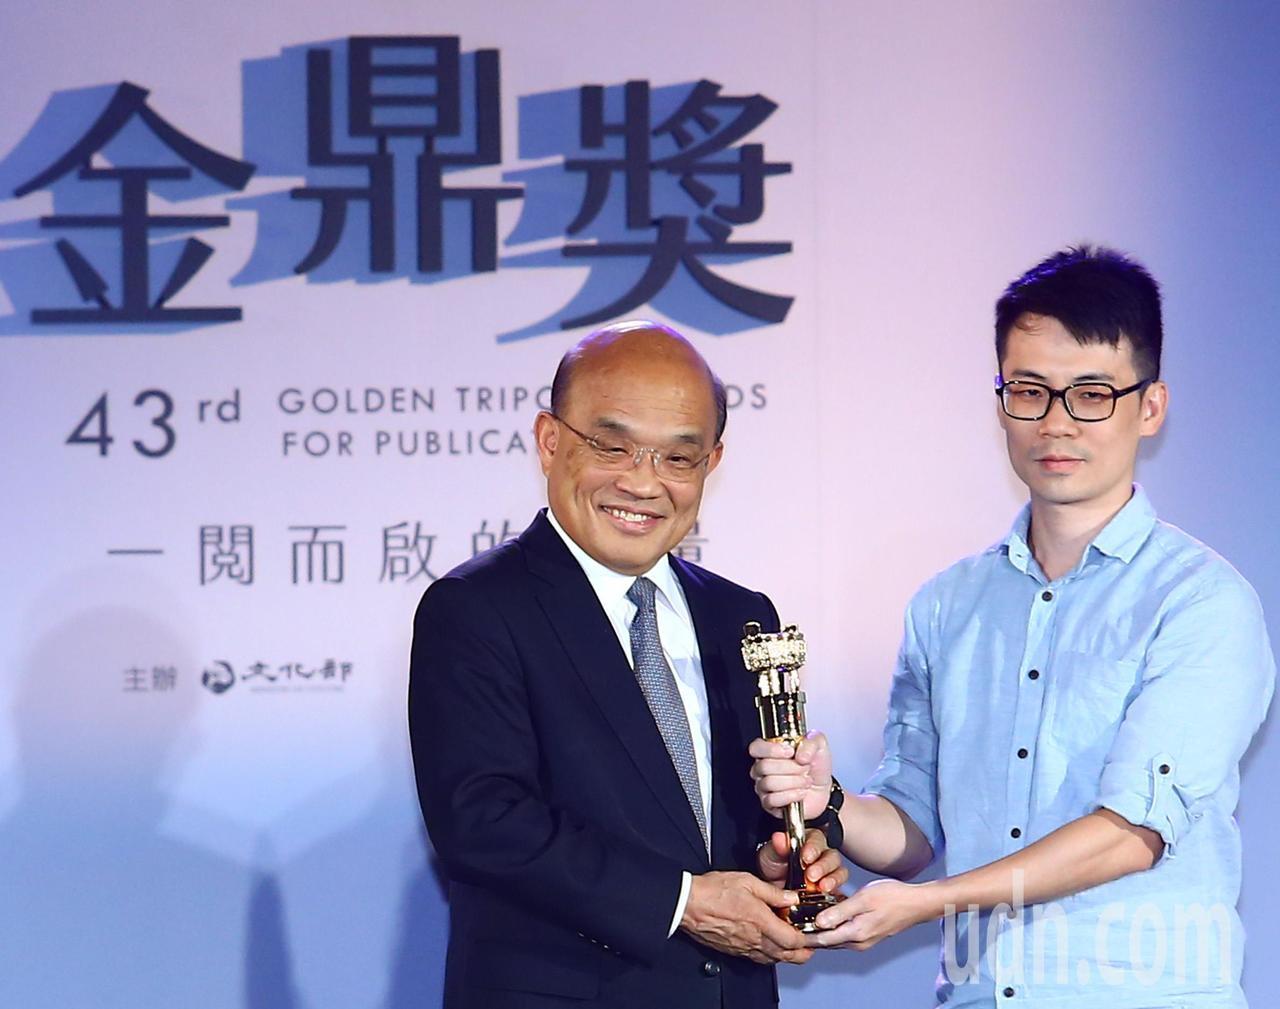 行政院院長蘇貞昌(左)下午出席第43屆金鼎獎頒獎典禮。記者杜建重/攝影